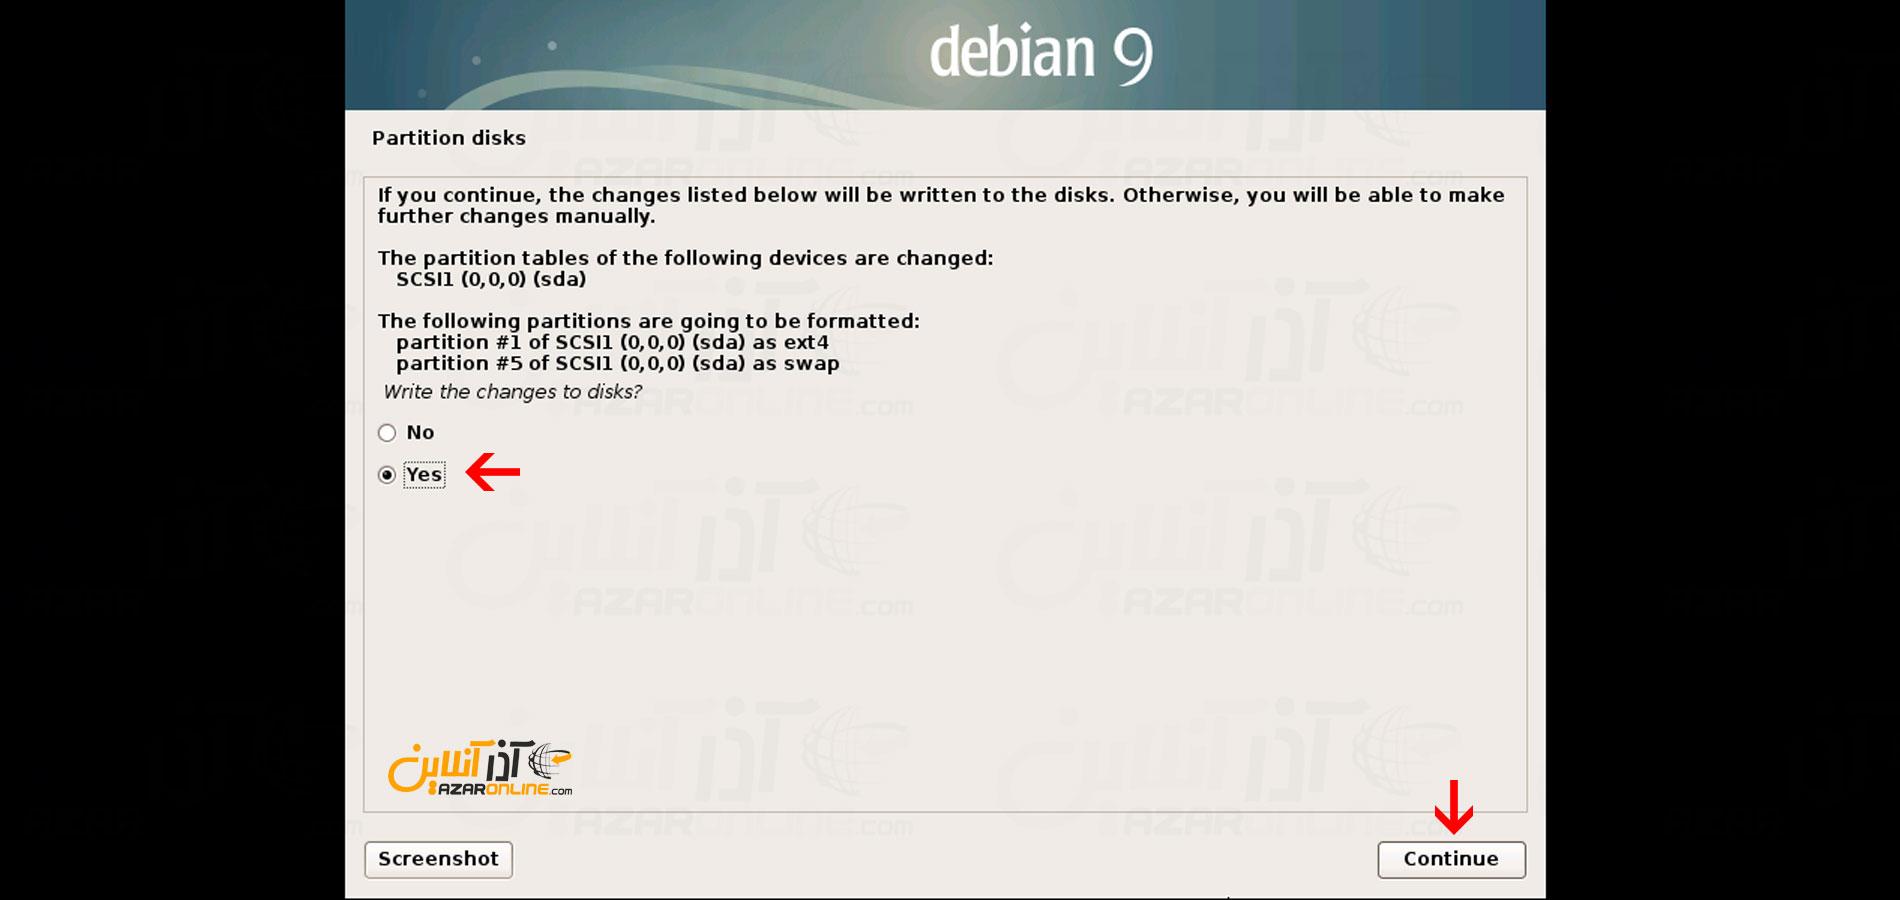 تأییدیه فرمت و پارتیشنبندی جهت آموزش نصب دبیان 9 روی Vmware